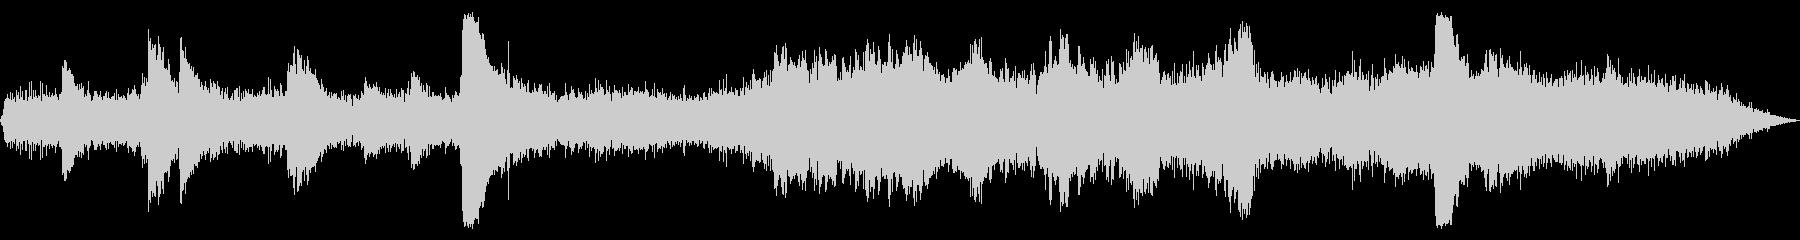 アンビエント風なホラー【ピアノ・ベル】の未再生の波形